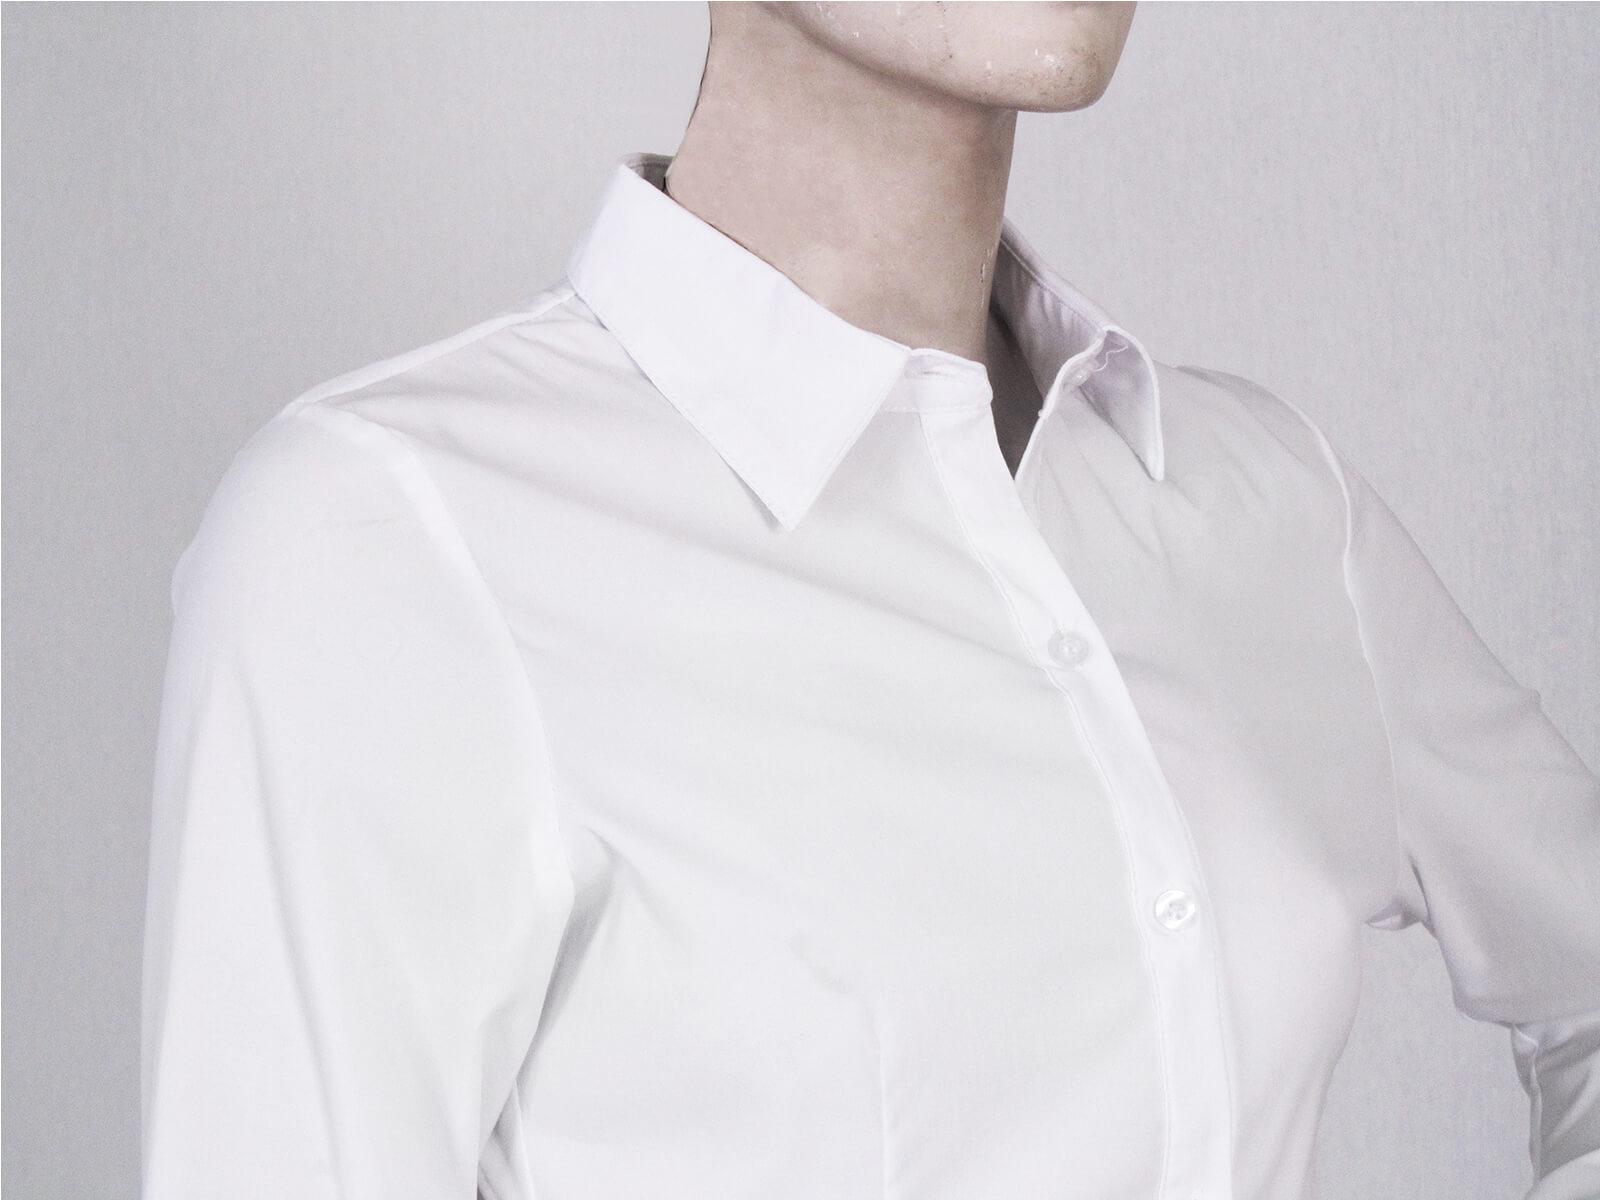 腰身剪裁淑女素面襯衫 修身長袖襯衫 合身顯瘦標準襯衫 正式襯衫 面試襯衫 上班族襯衫 商務襯衫 防曬襯衫 (333-A261-01)素面白色襯衫、(333-A261-21)素面黑色襯衫 胸圍32~50英吋 [實體店面保障] sun-e333 3